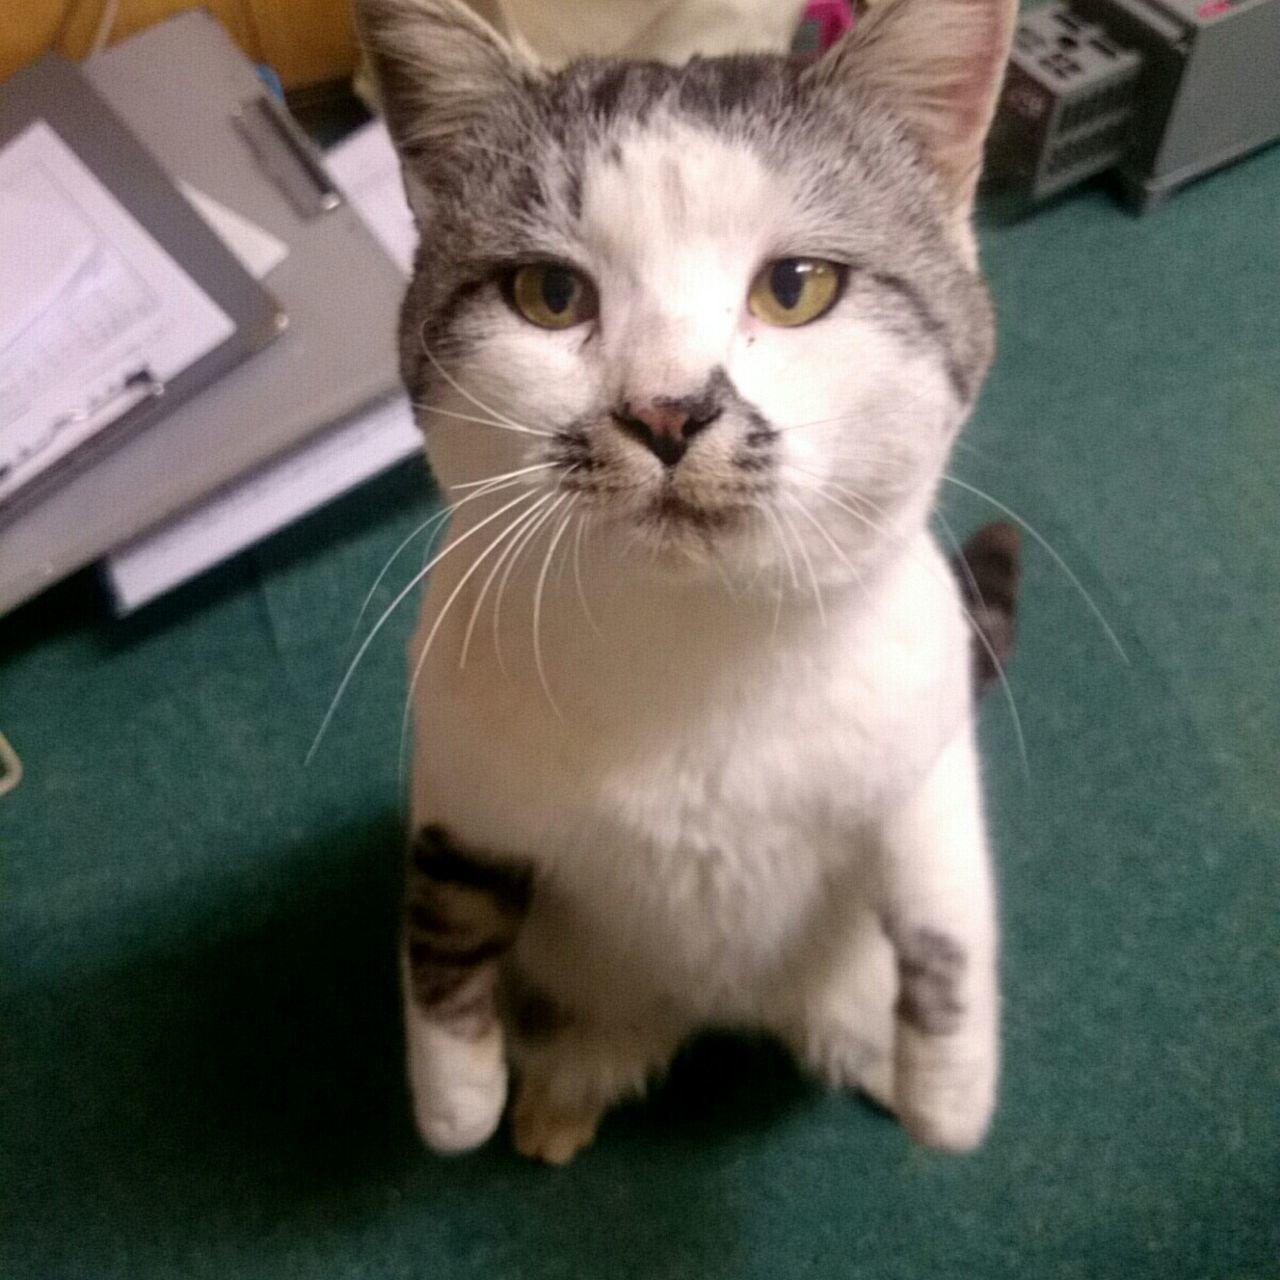 第50話「立ってごらん」 「私・・・私・・・立ったわ・・・」(ΦωΦ) 「クララが・・・立ってる・・・・うわーん!!」👧 アルプスの少女ハイジ ねこ Cat ニャンコ先生